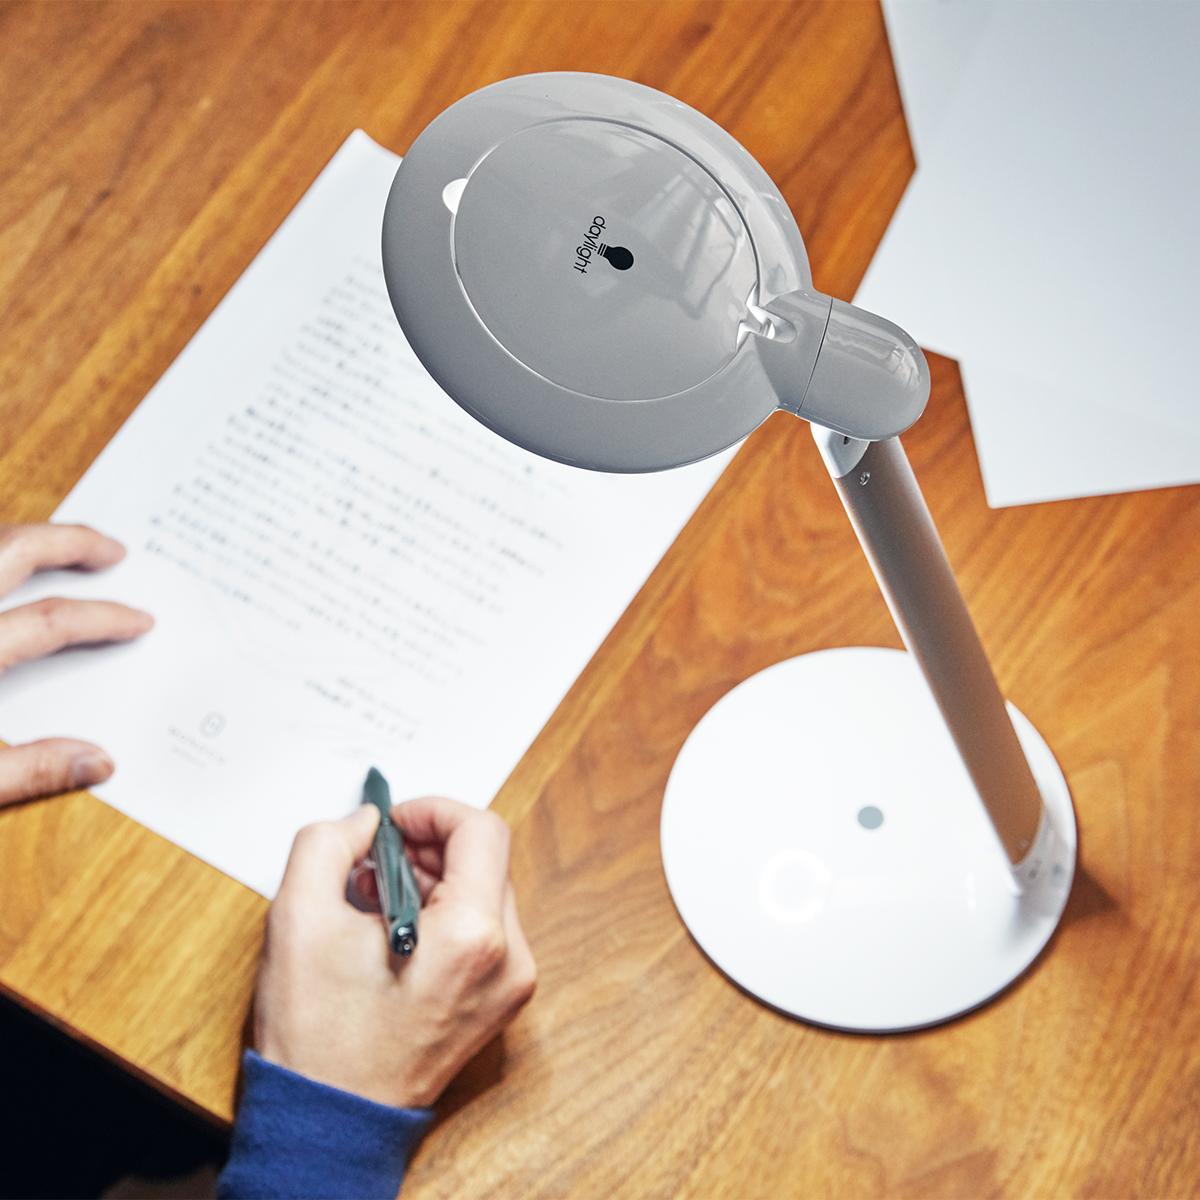 読書や勉強が一番はかどりやすい、正午の太陽光(自然光)に近づけた灯り。集中したい時には、集中できる色温度の明かりがどこでも手軽に持ち運びできる。手元を大きく・明るく照らすルーペ付き太陽光LEDの「デスクライト」|daylight - Halo Go